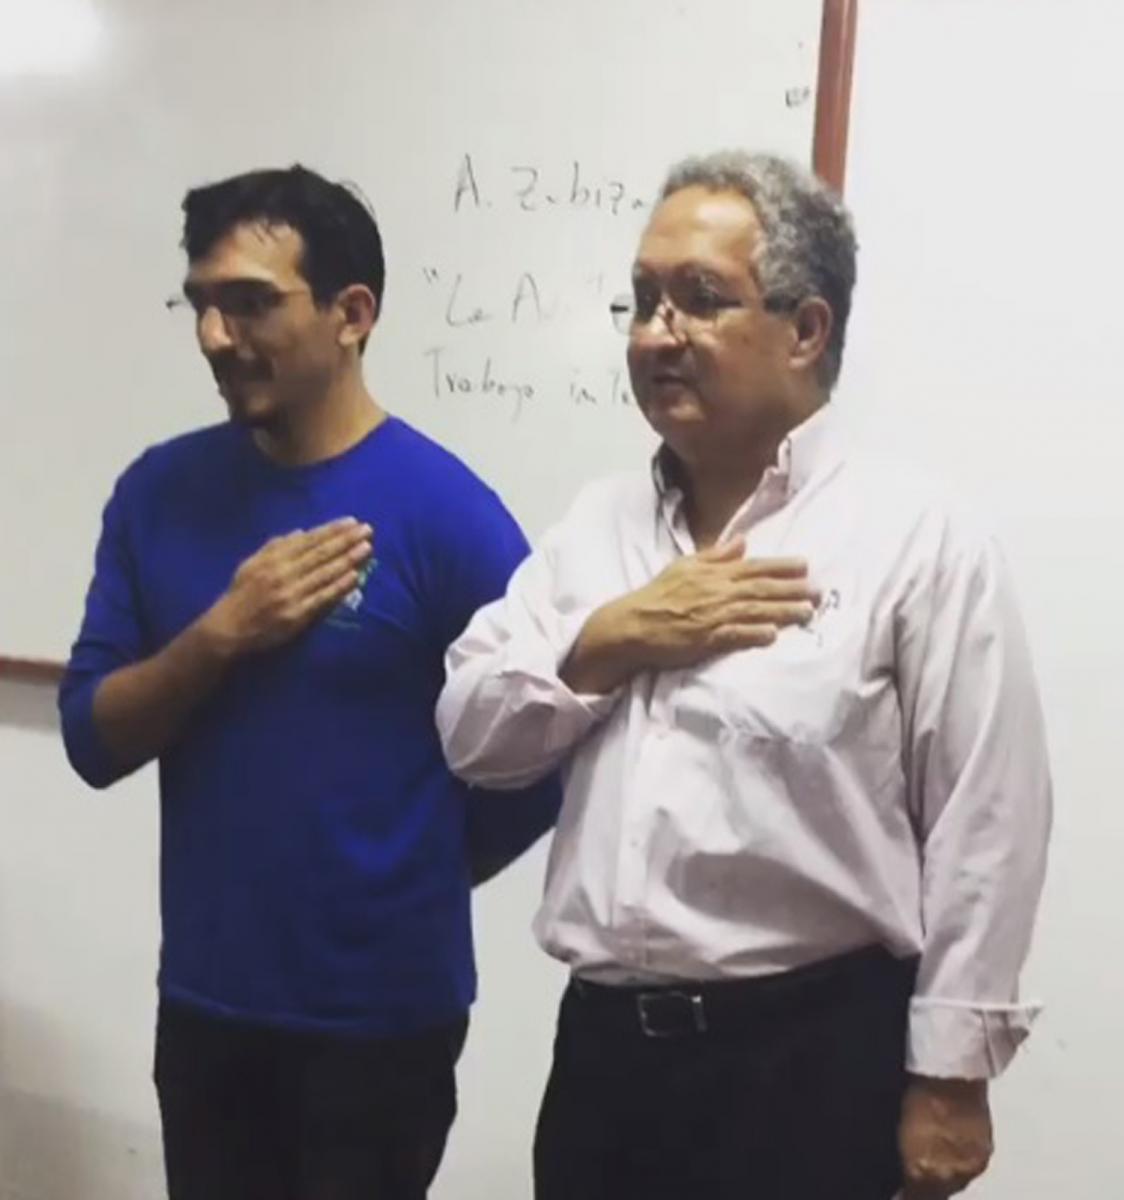 Alumno llego tarde a clases y su profesor lo hizo cantar el himno